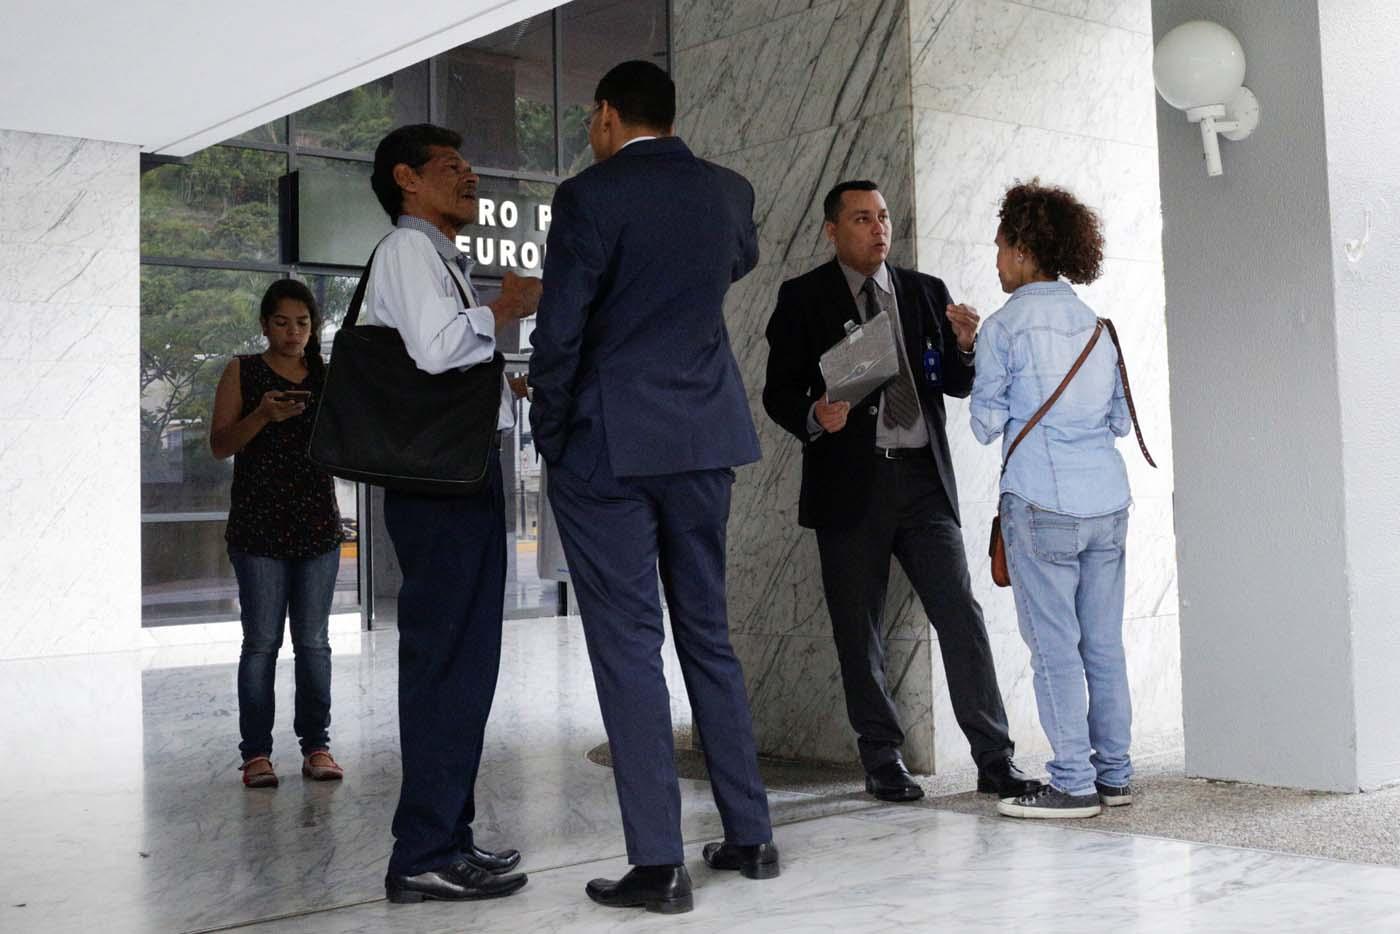 Embajada de Panamá en  Caracas, Venezuela August 23, 2017. REUTERS/Marco Bello